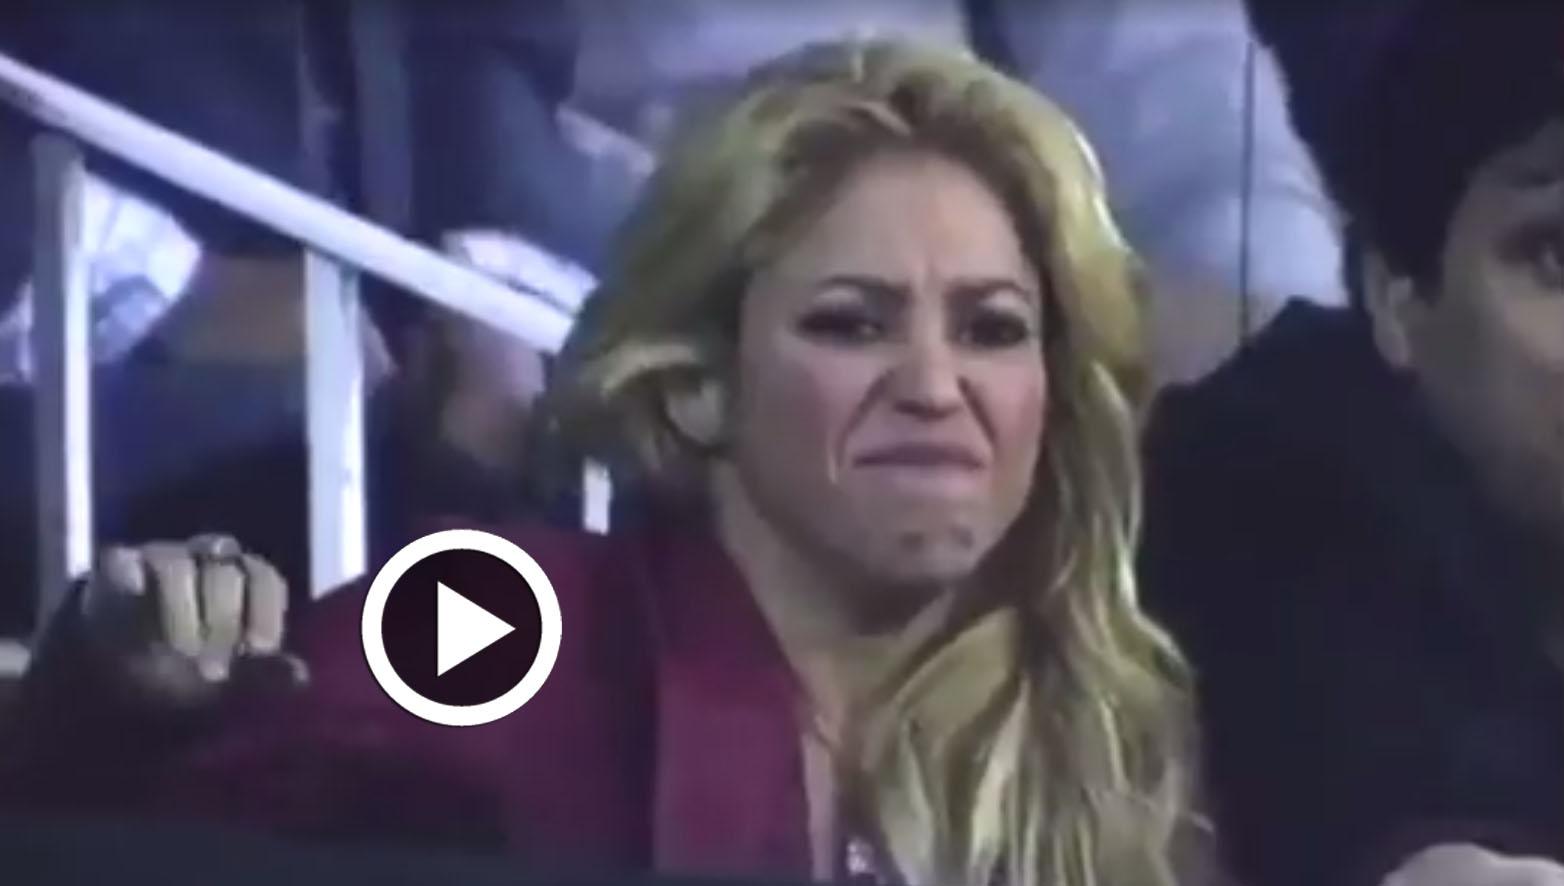 بالفيديو: رد فعل غريب لـ''شاكيرا'' خلال تشجيعها لزوجها في مباراة الكلاسيكو